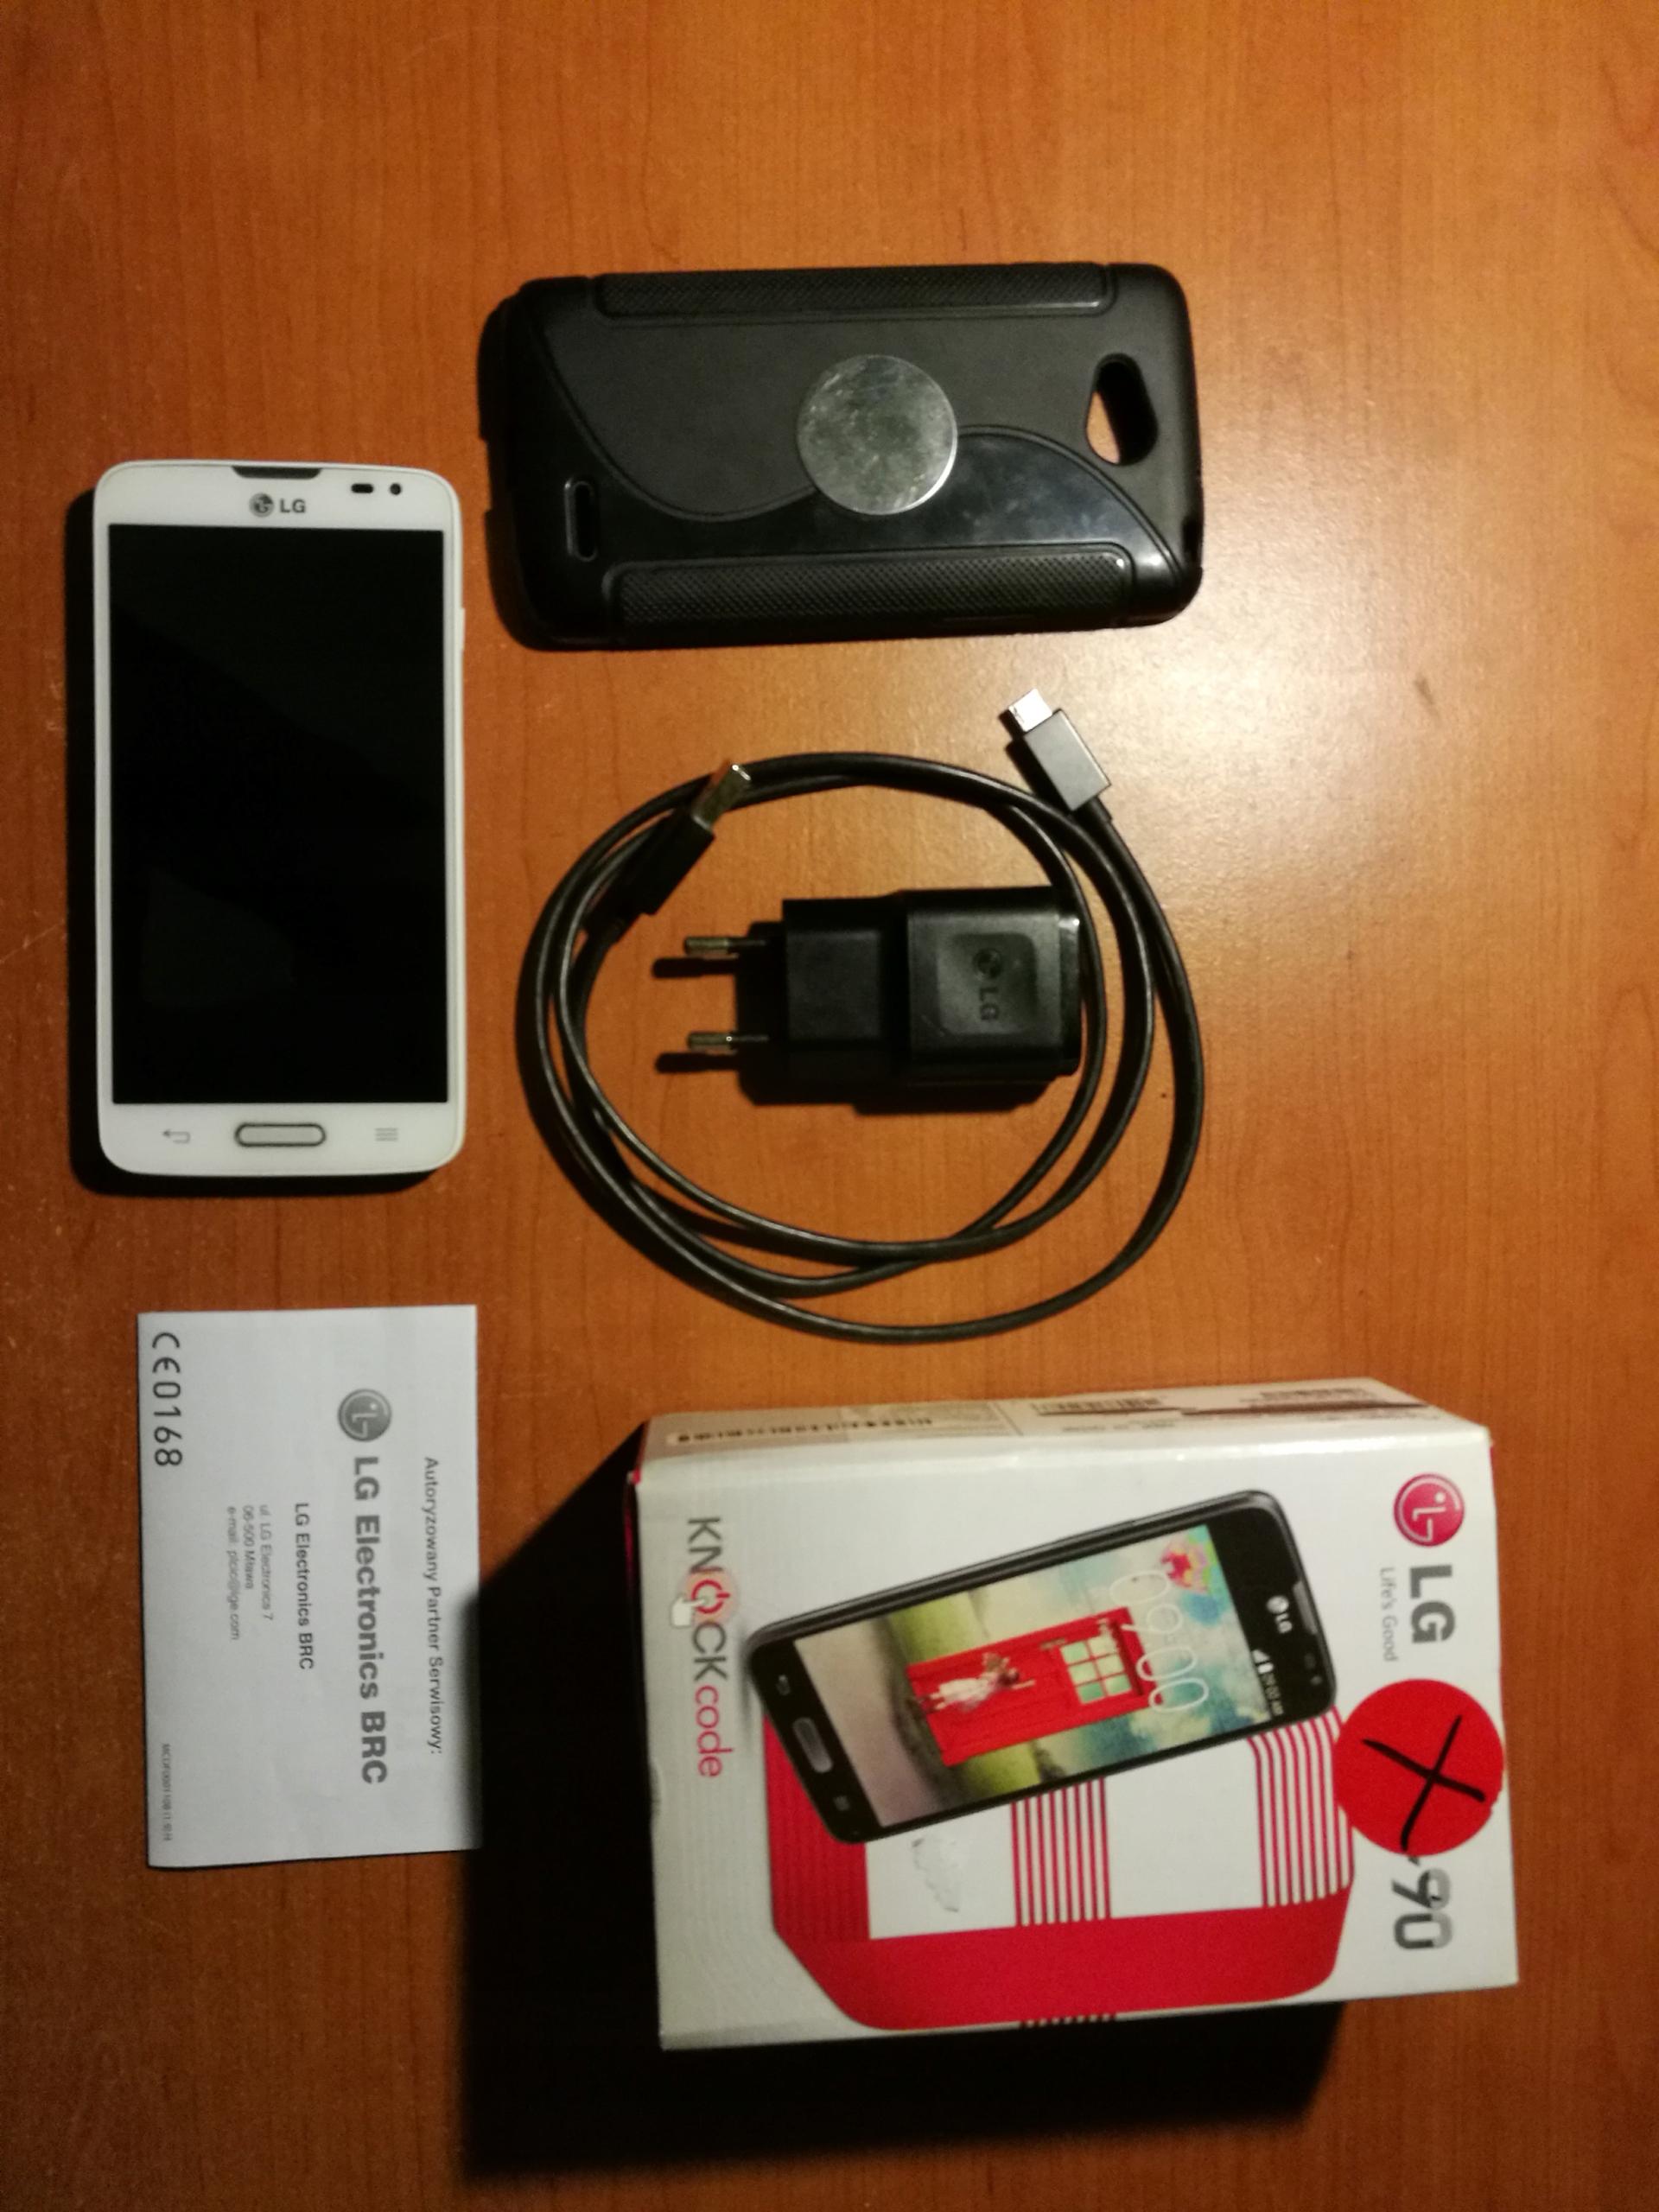 LG L90 Sprawny Komplet Bez simlocka Biały Ładny st